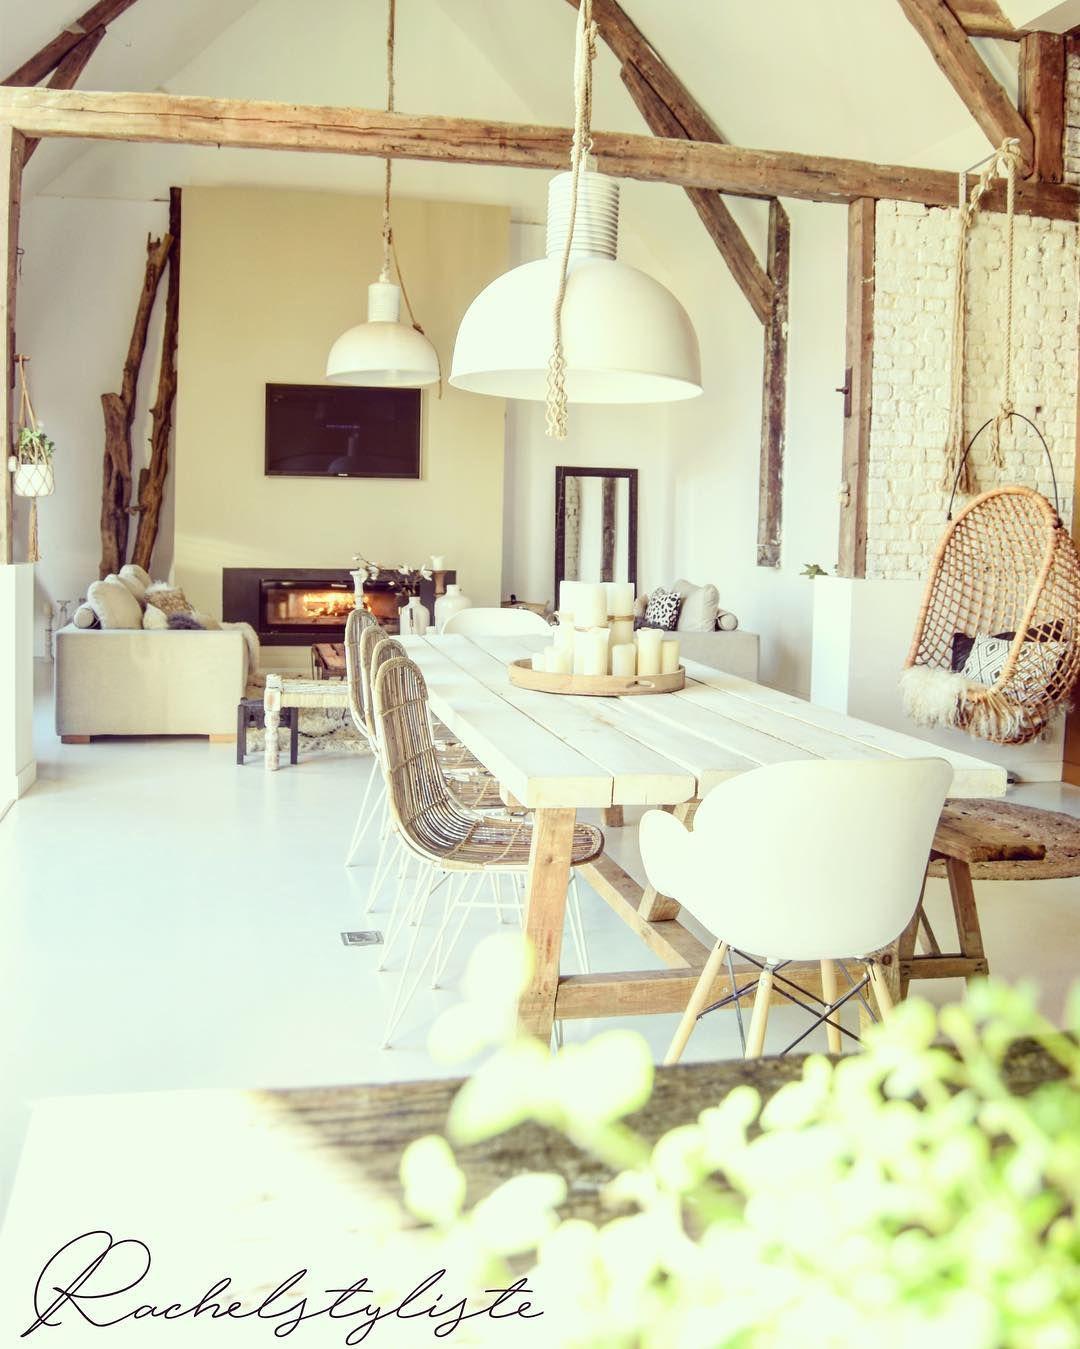 4,558 vind-ik-leuks, 80 reacties - Coppens Rachel (@rachelstyliste) op Instagram: 'Temps hivernal on rallume la cheminée pour le goûter  #love #home #chaleur #onestbien'